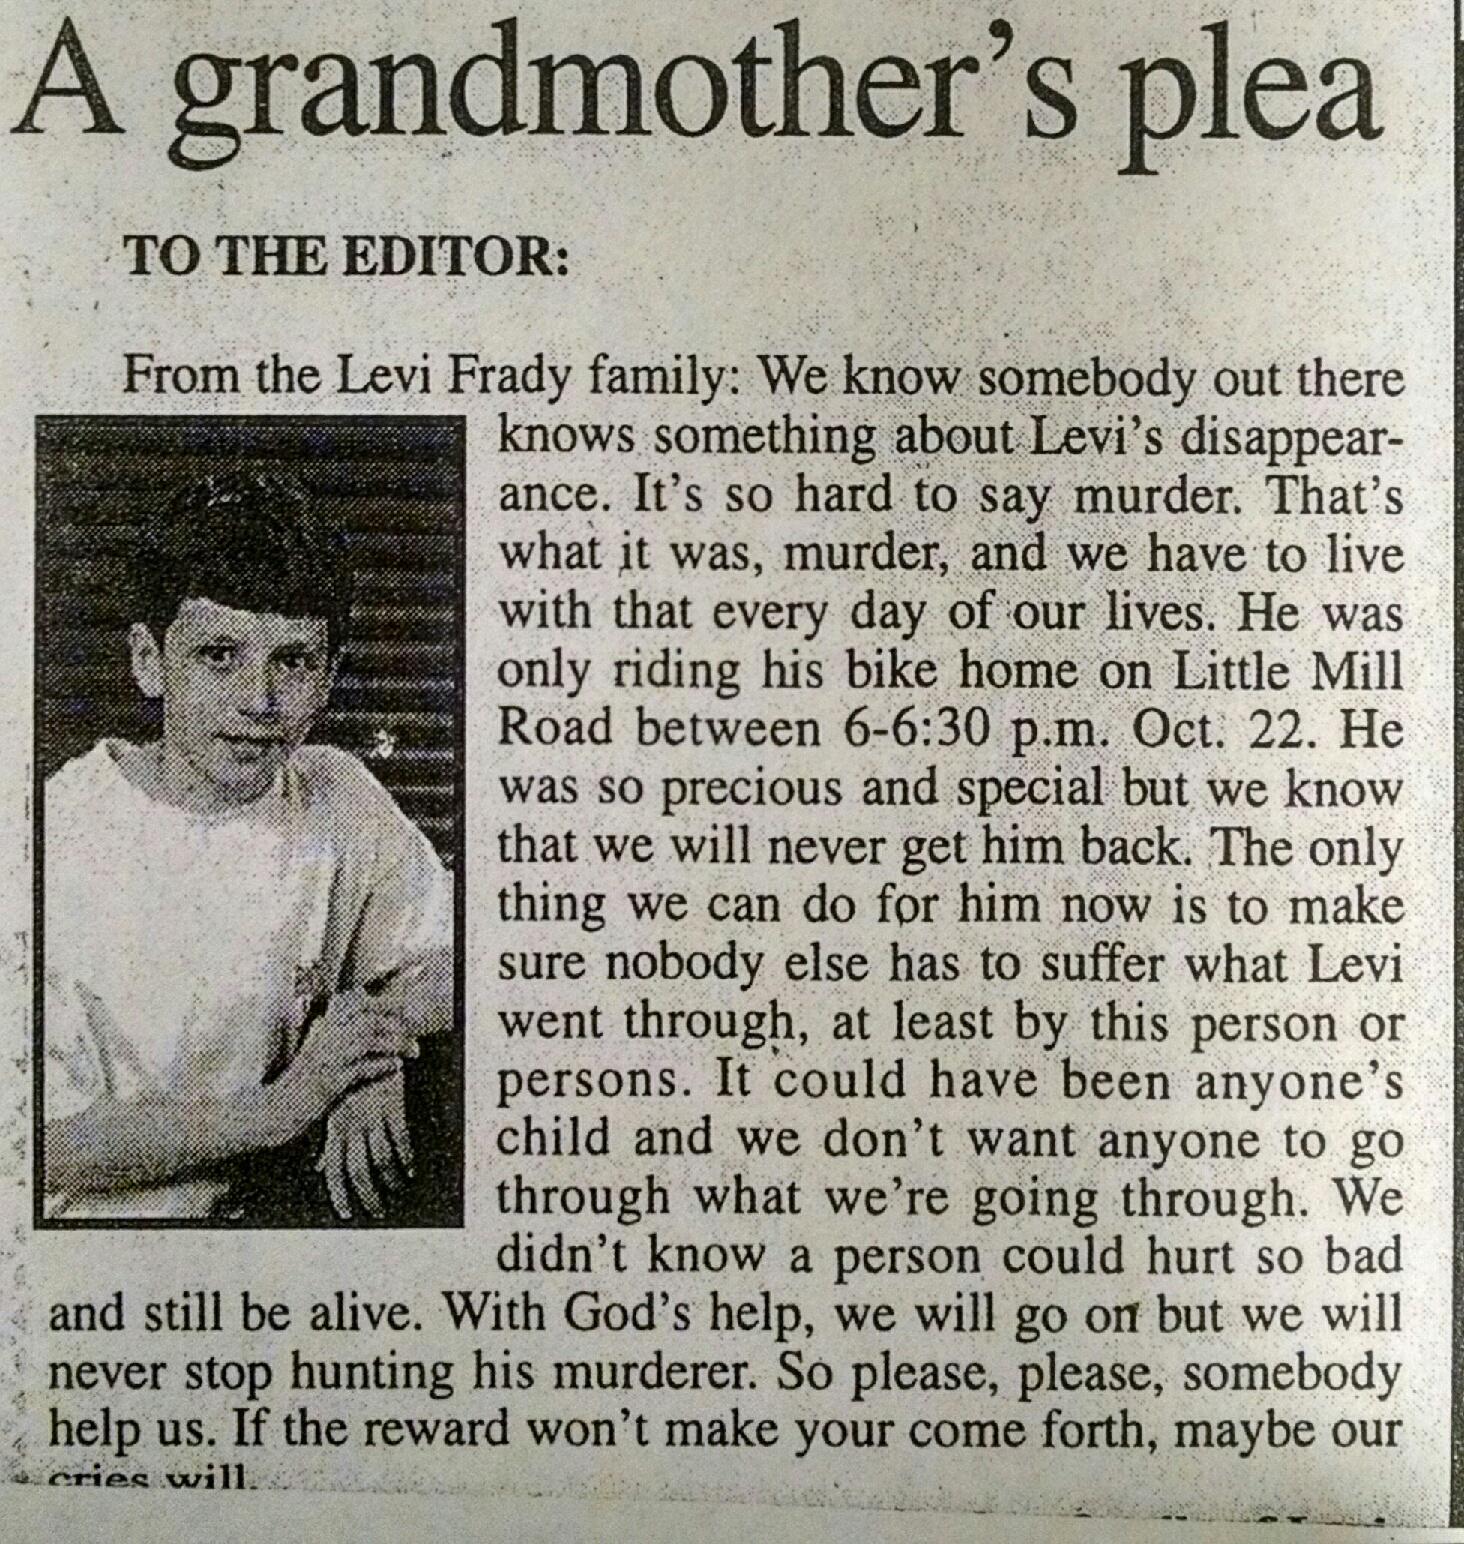 grandmothers-plea